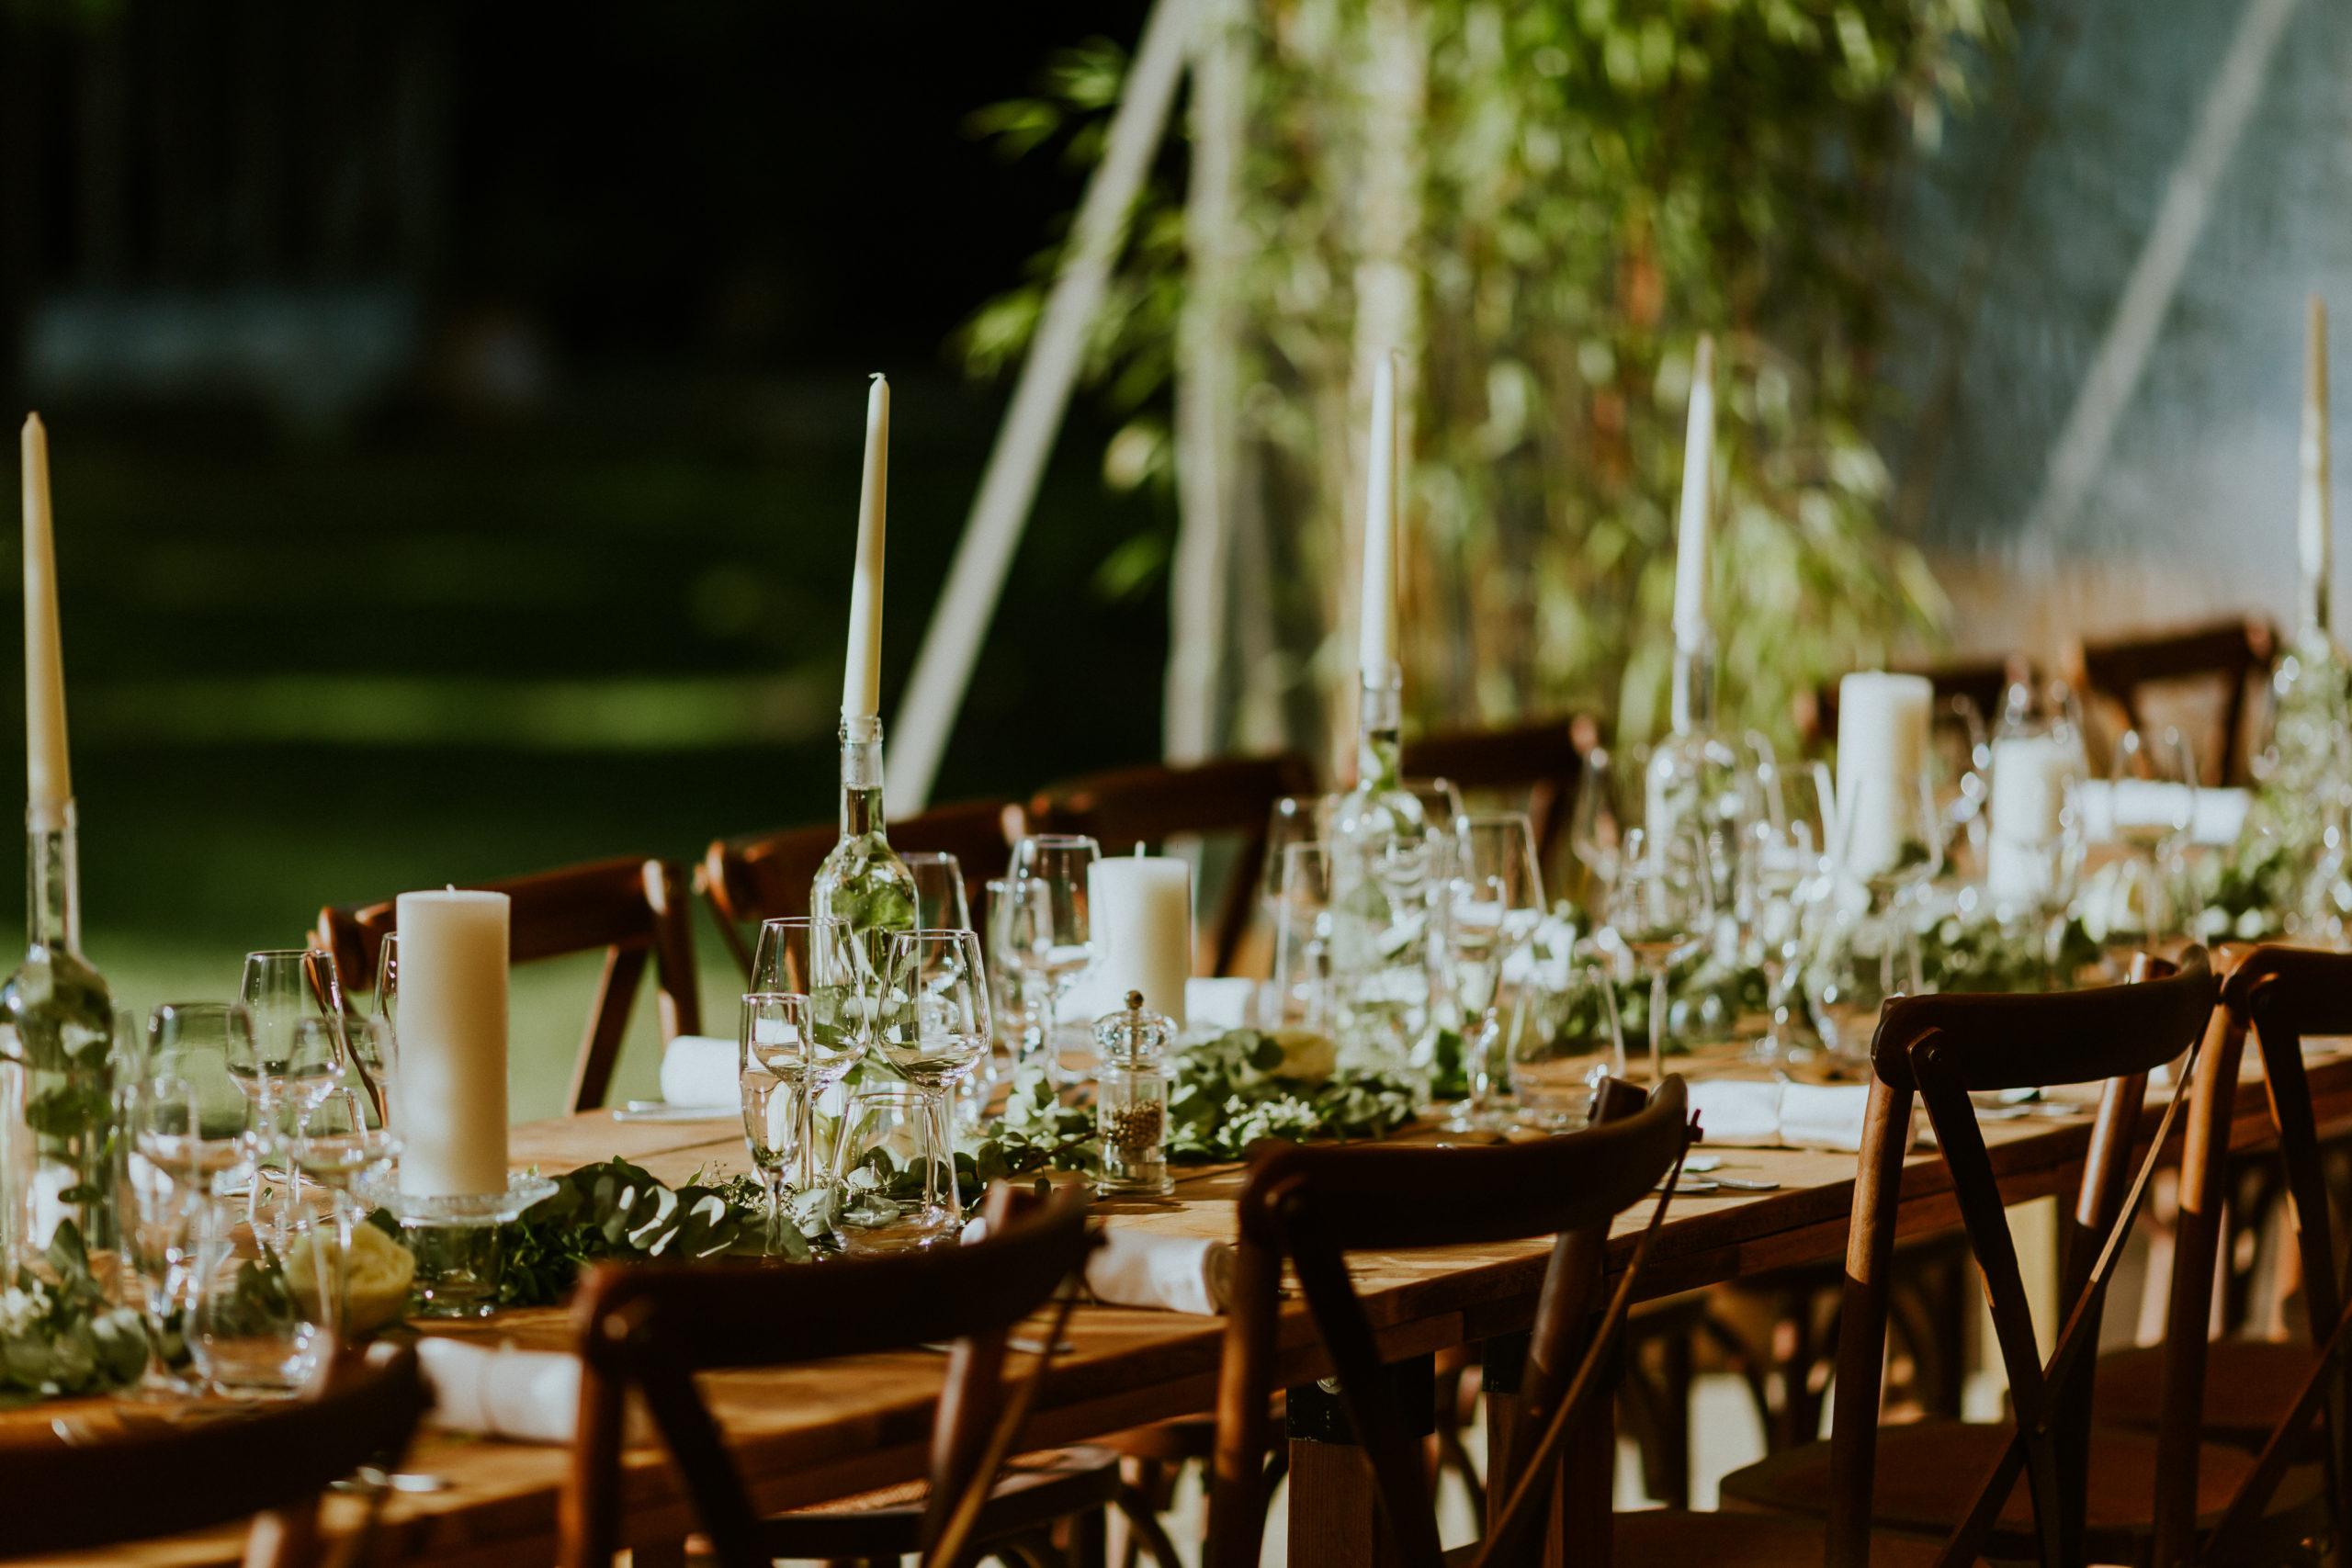 colorimétrie et scénographie de table de mariage - CREDIT PHOTO : Nicolas Desvages